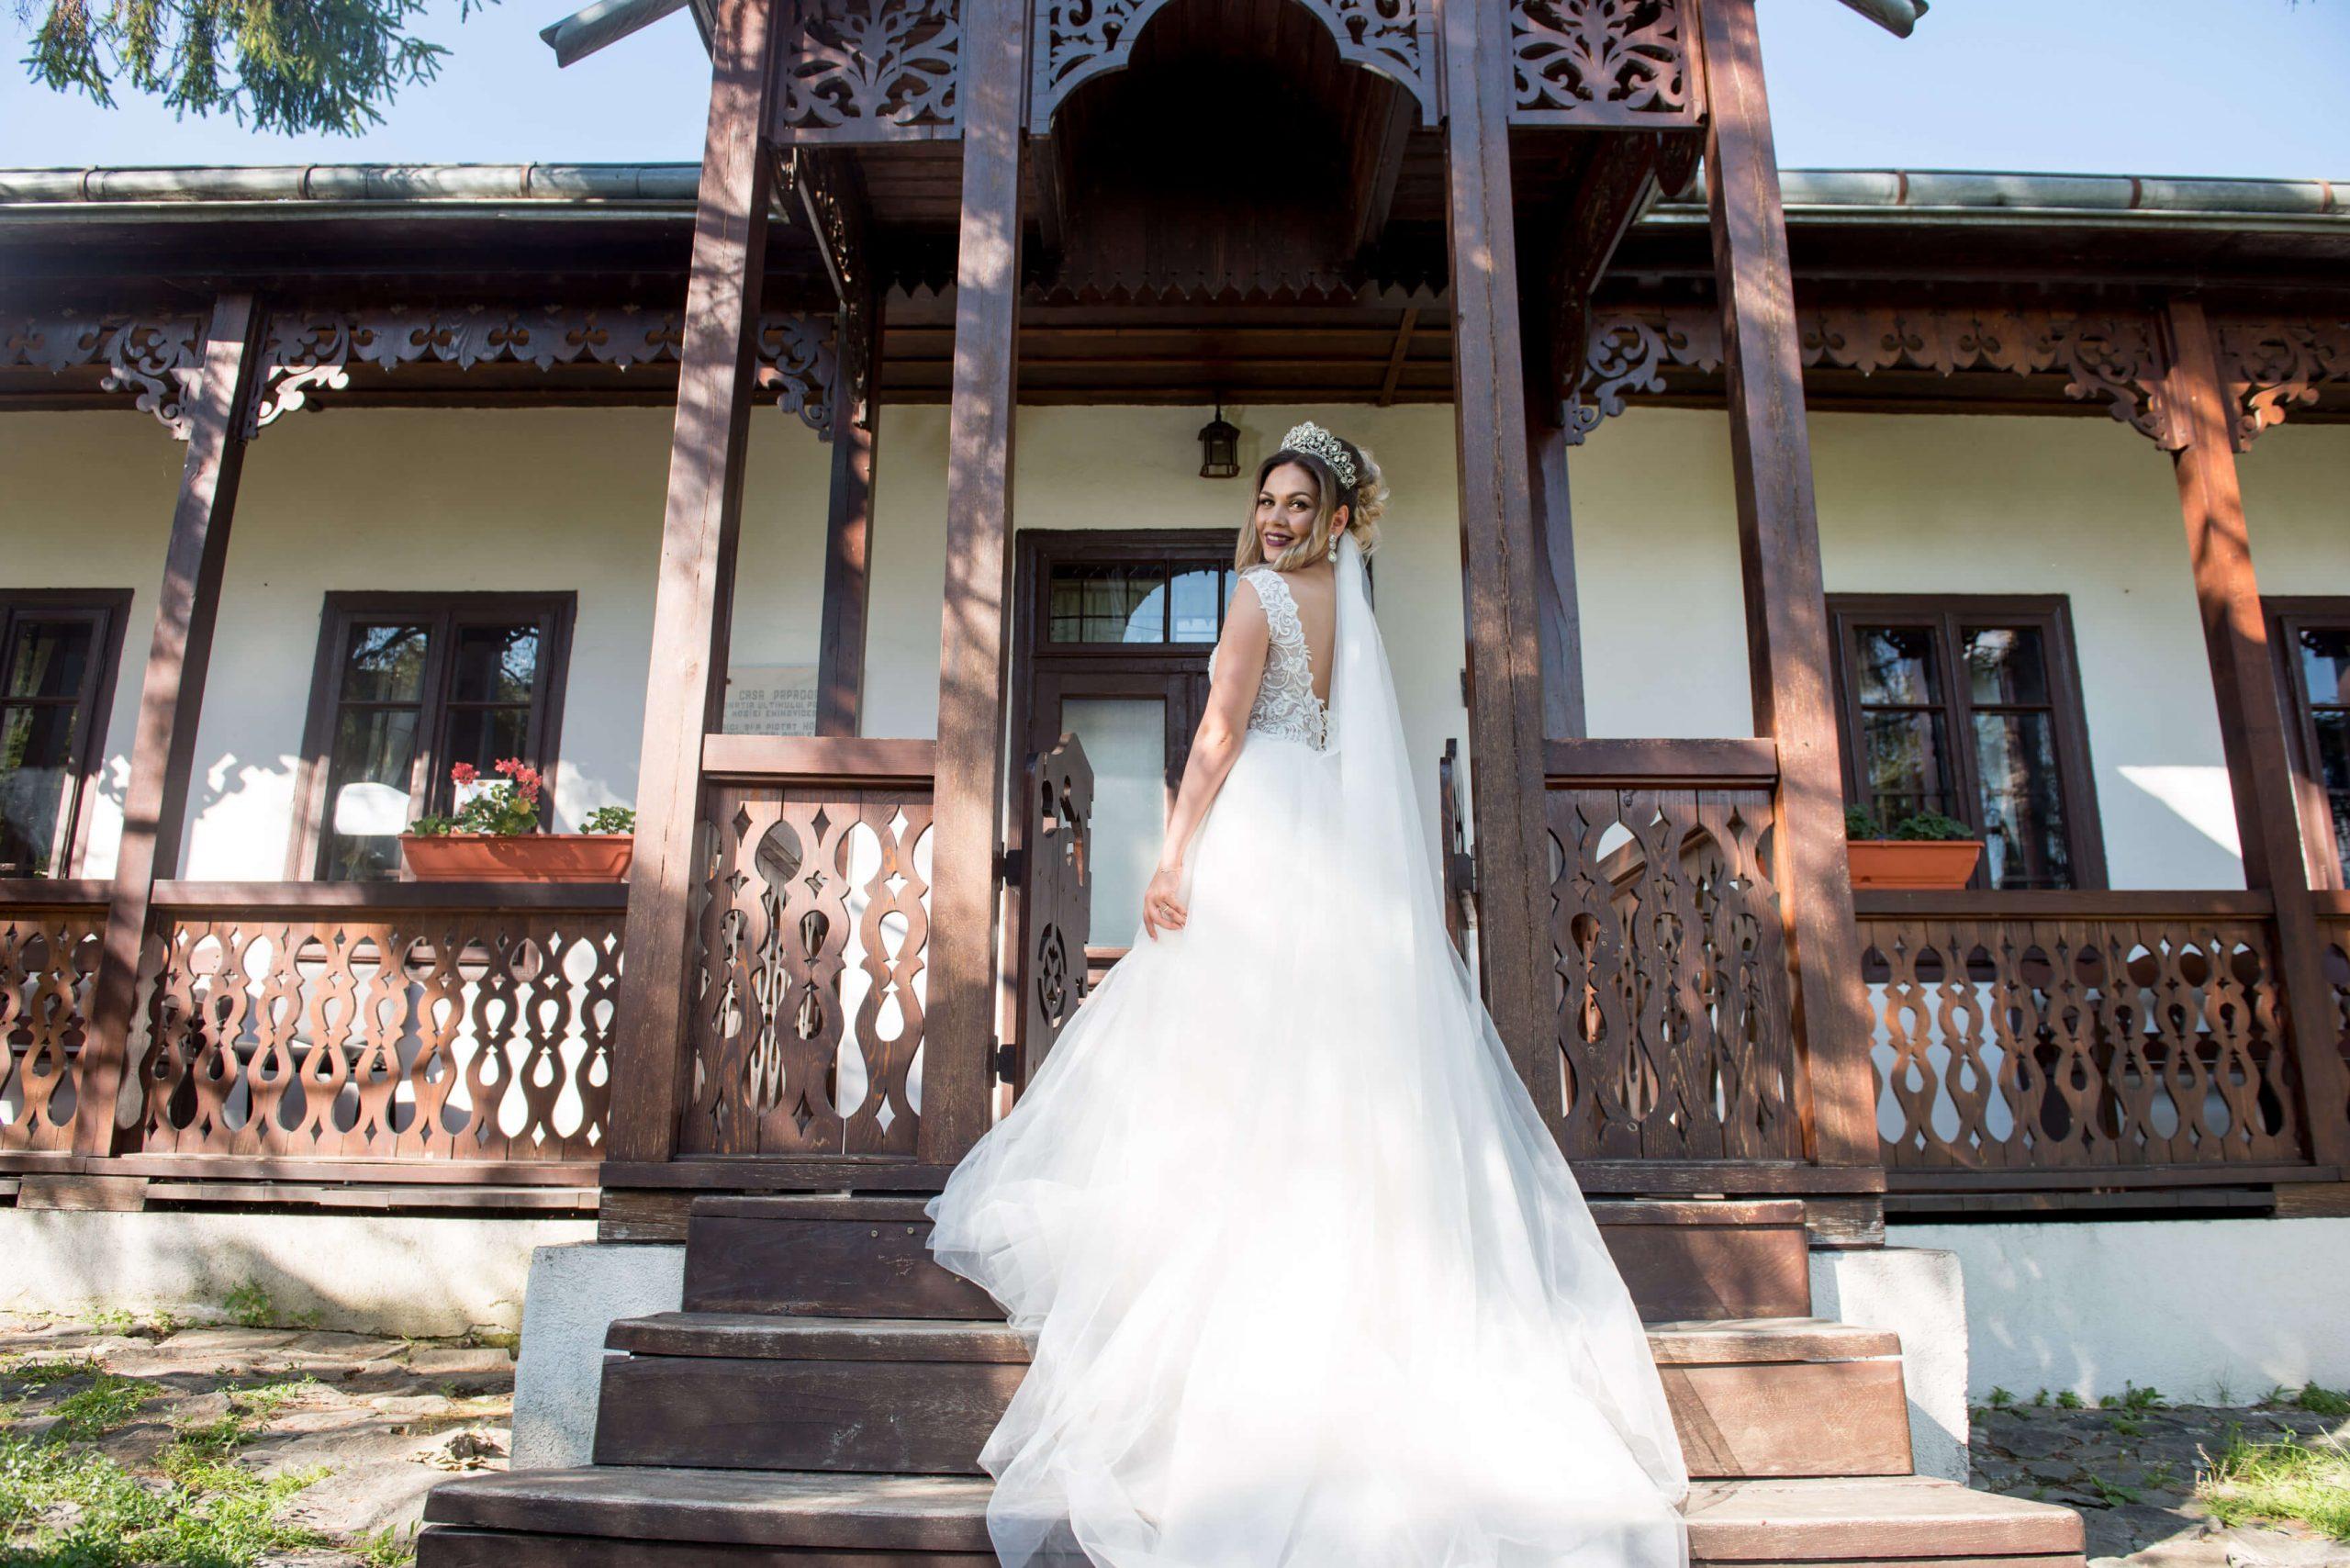 marius agrigoroaie fotograf de nunta botosani suceava 23